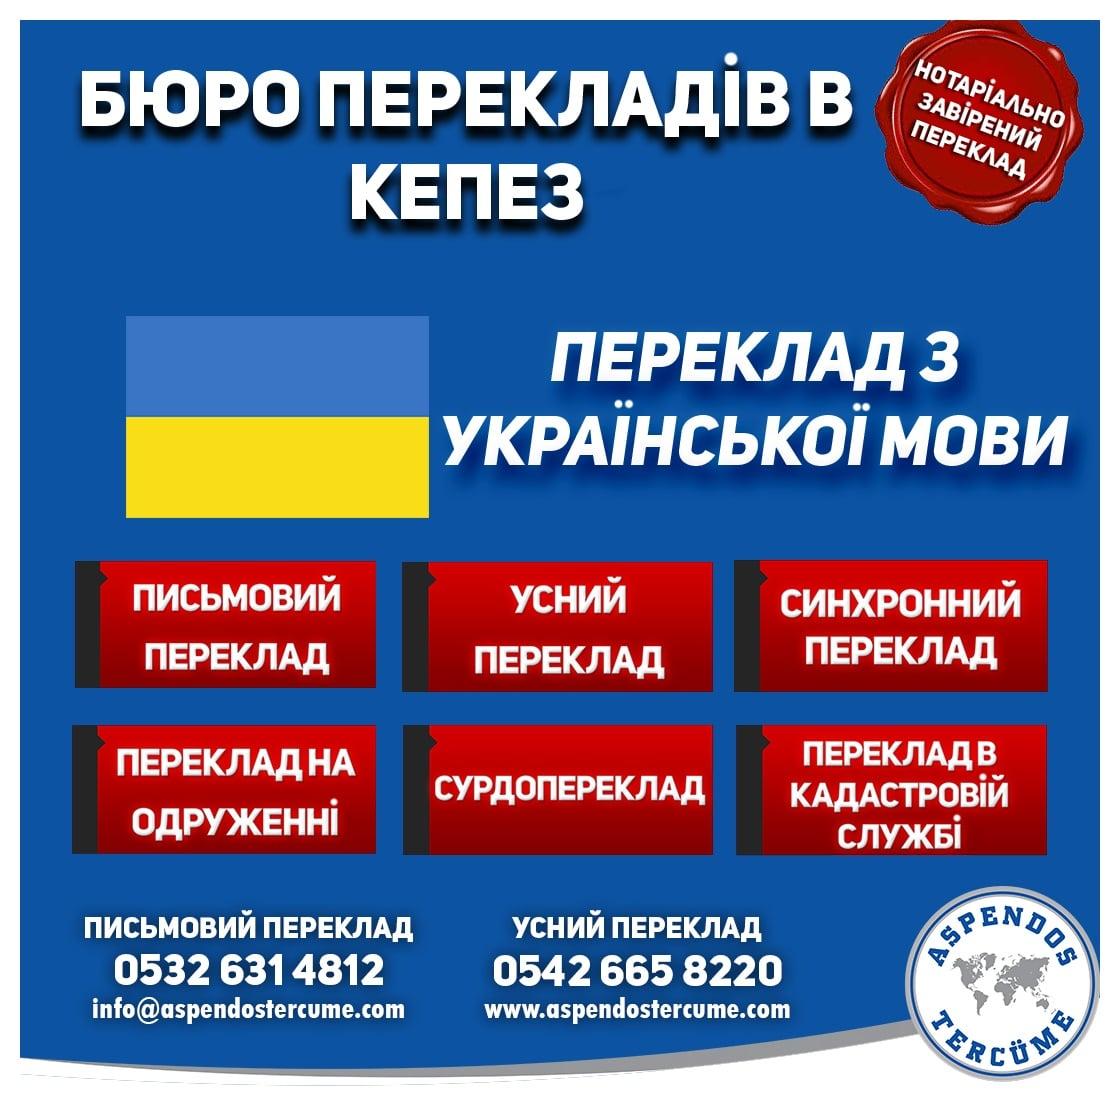 кепез_бюро_перекладів_український_переклад